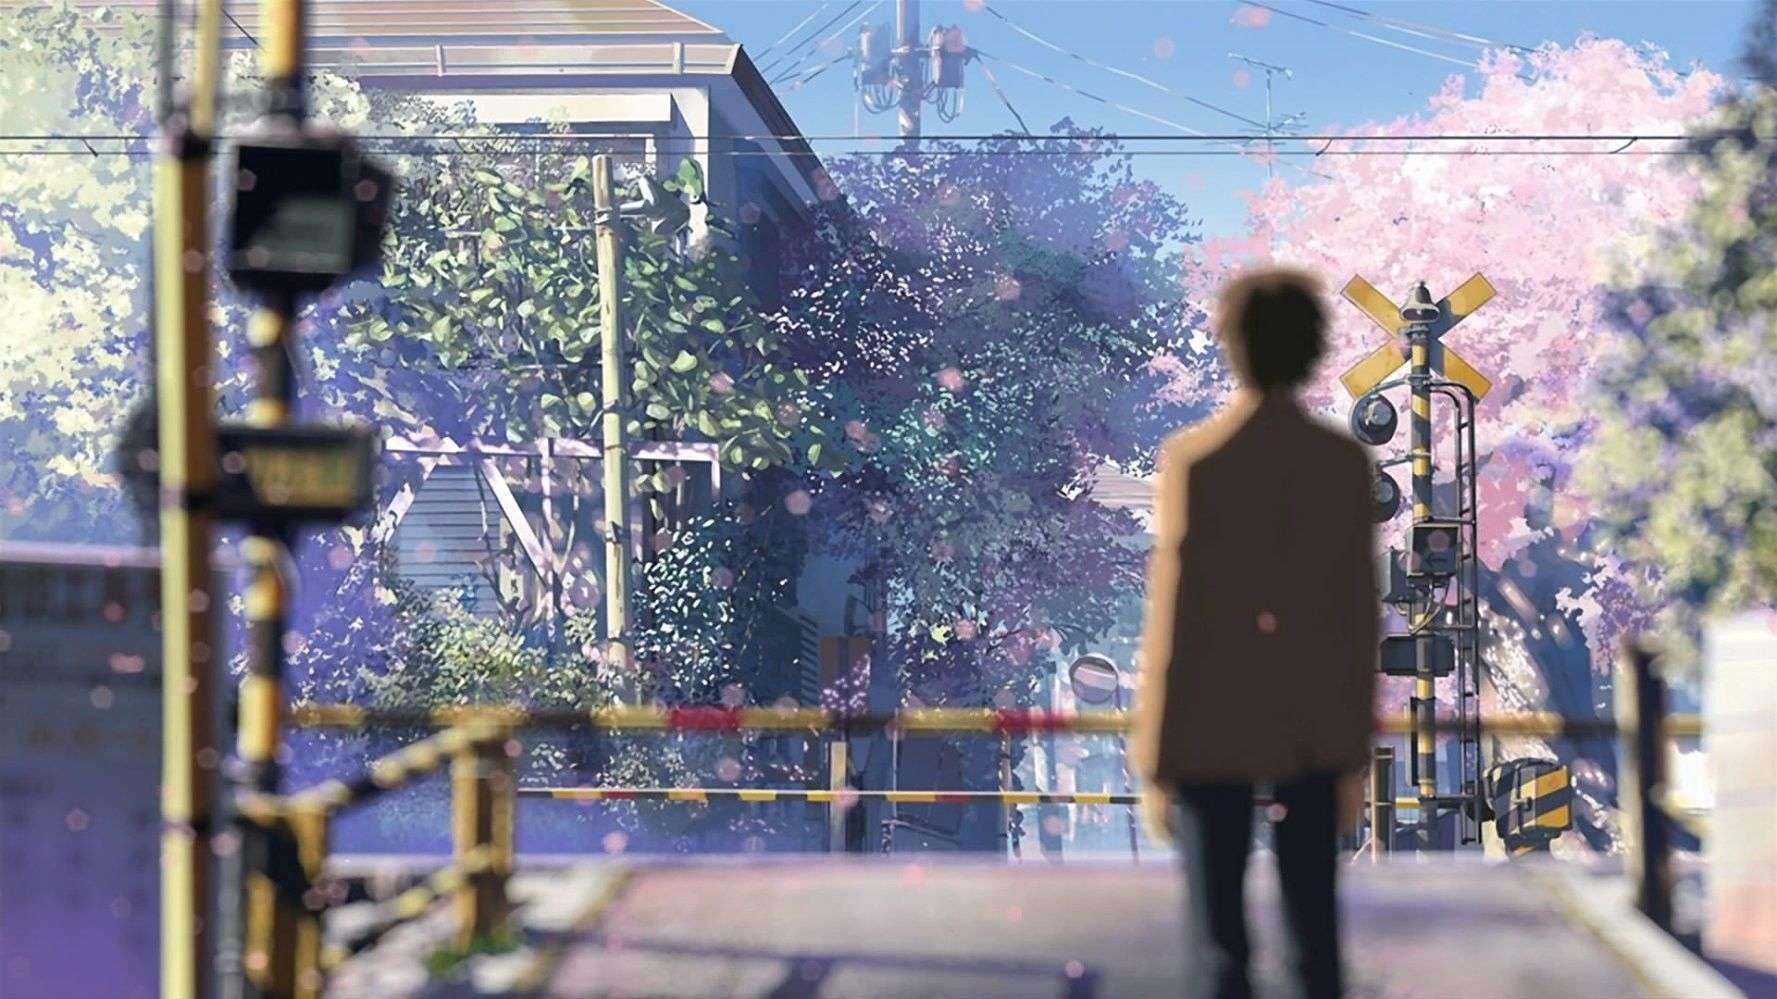 sakura tumbuh di musim gugur